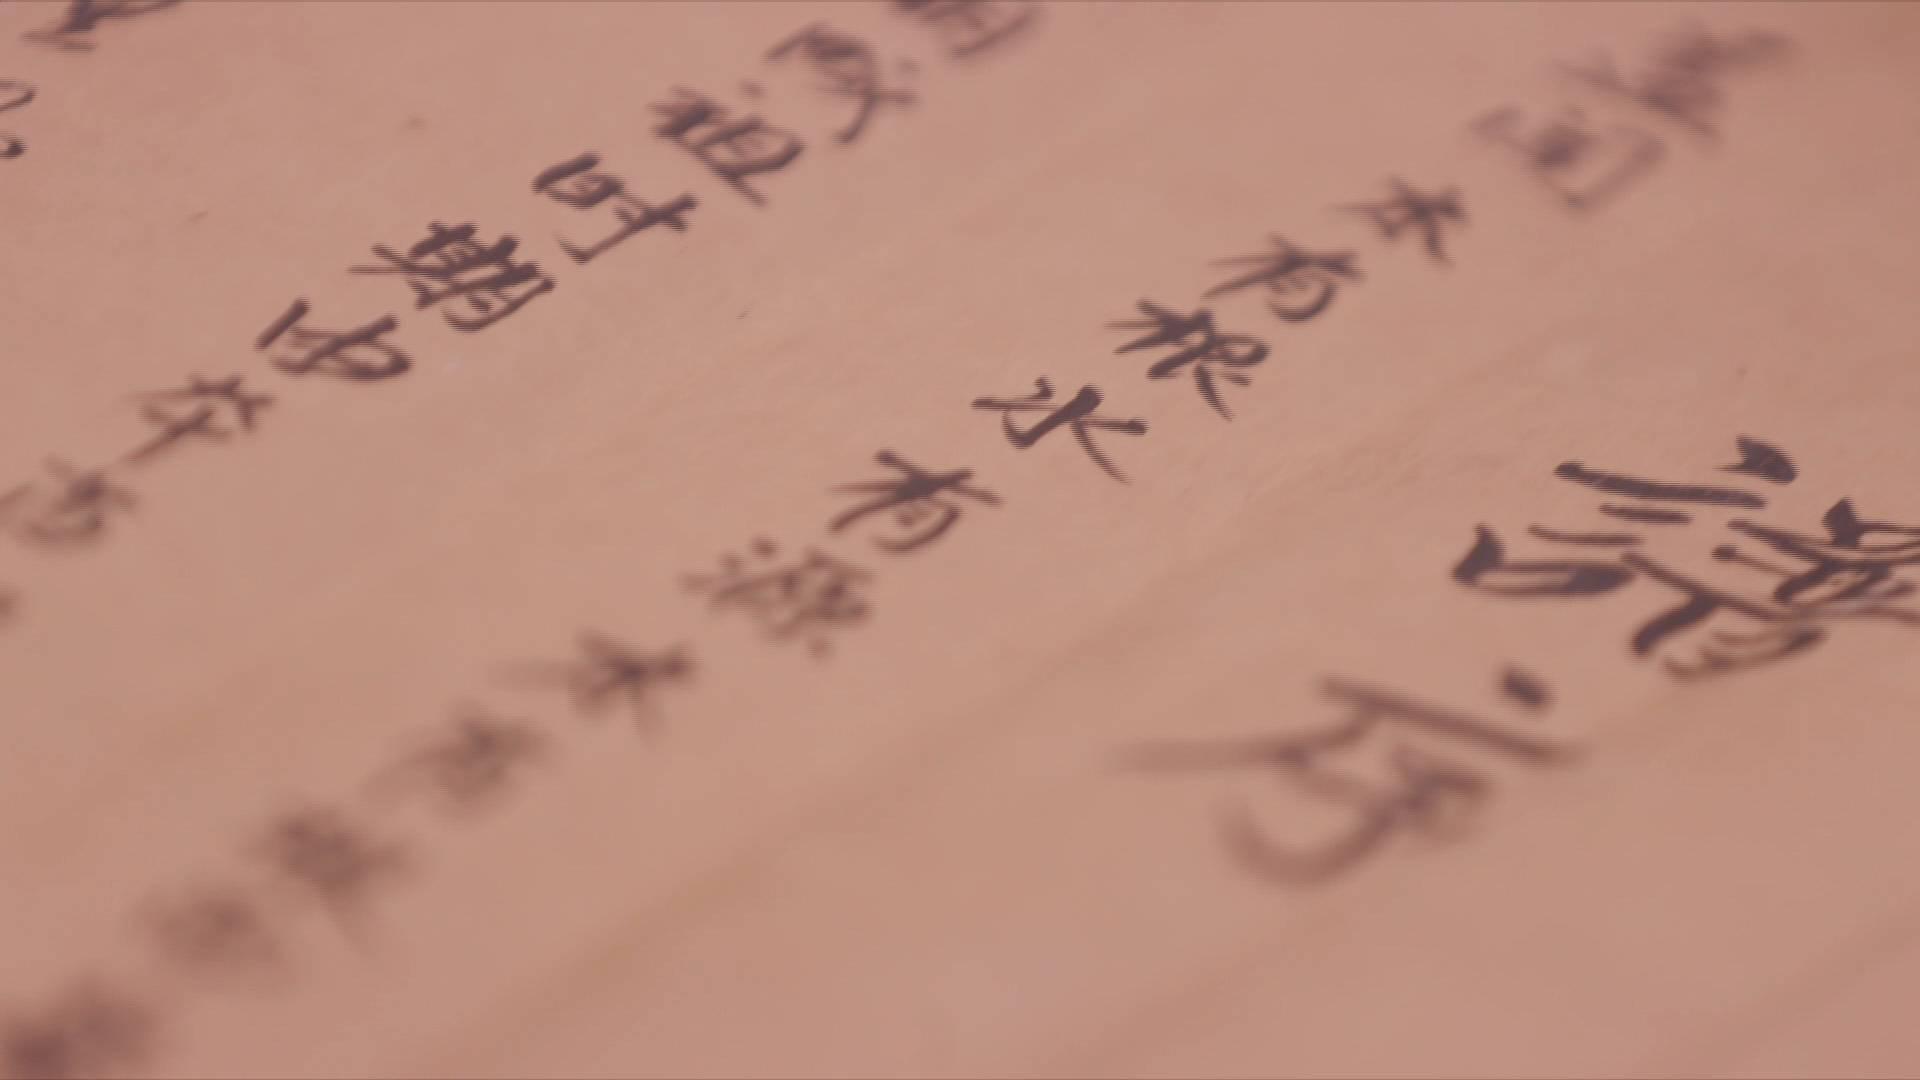 @姓爨的你 看这里丨笔画最多的姓氏之一 济南商河一村有402人都姓爨